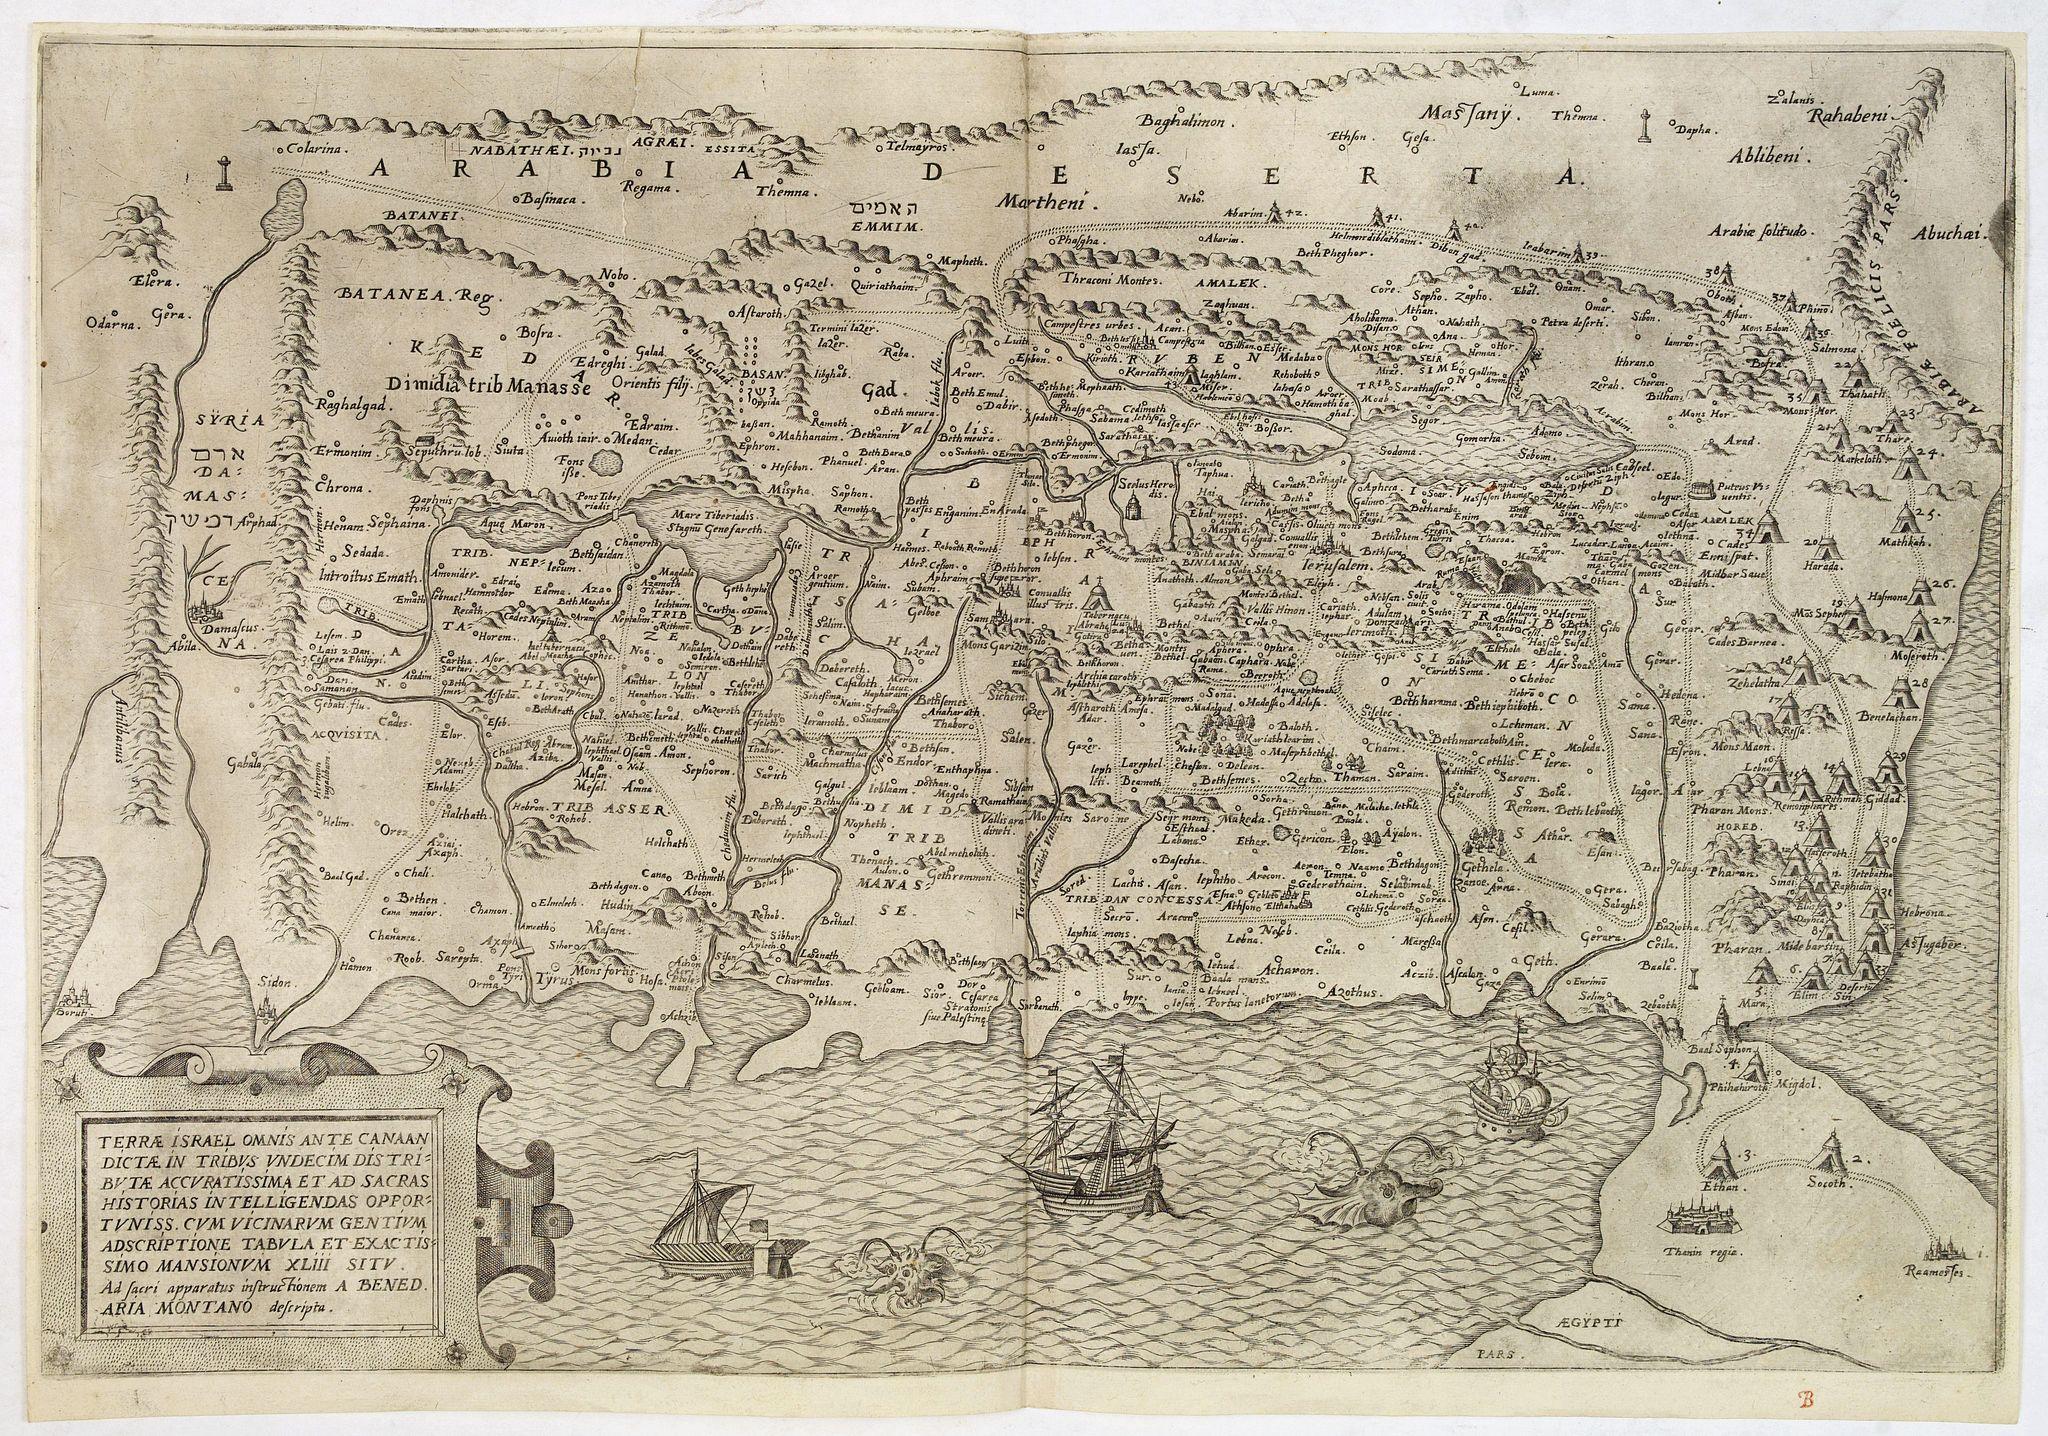 ARIAS MONTANUS, B. -  Terrae Israel omnis ante Canaan dictae in tribus undecim ... A. Bened. Aria Montano descripta.